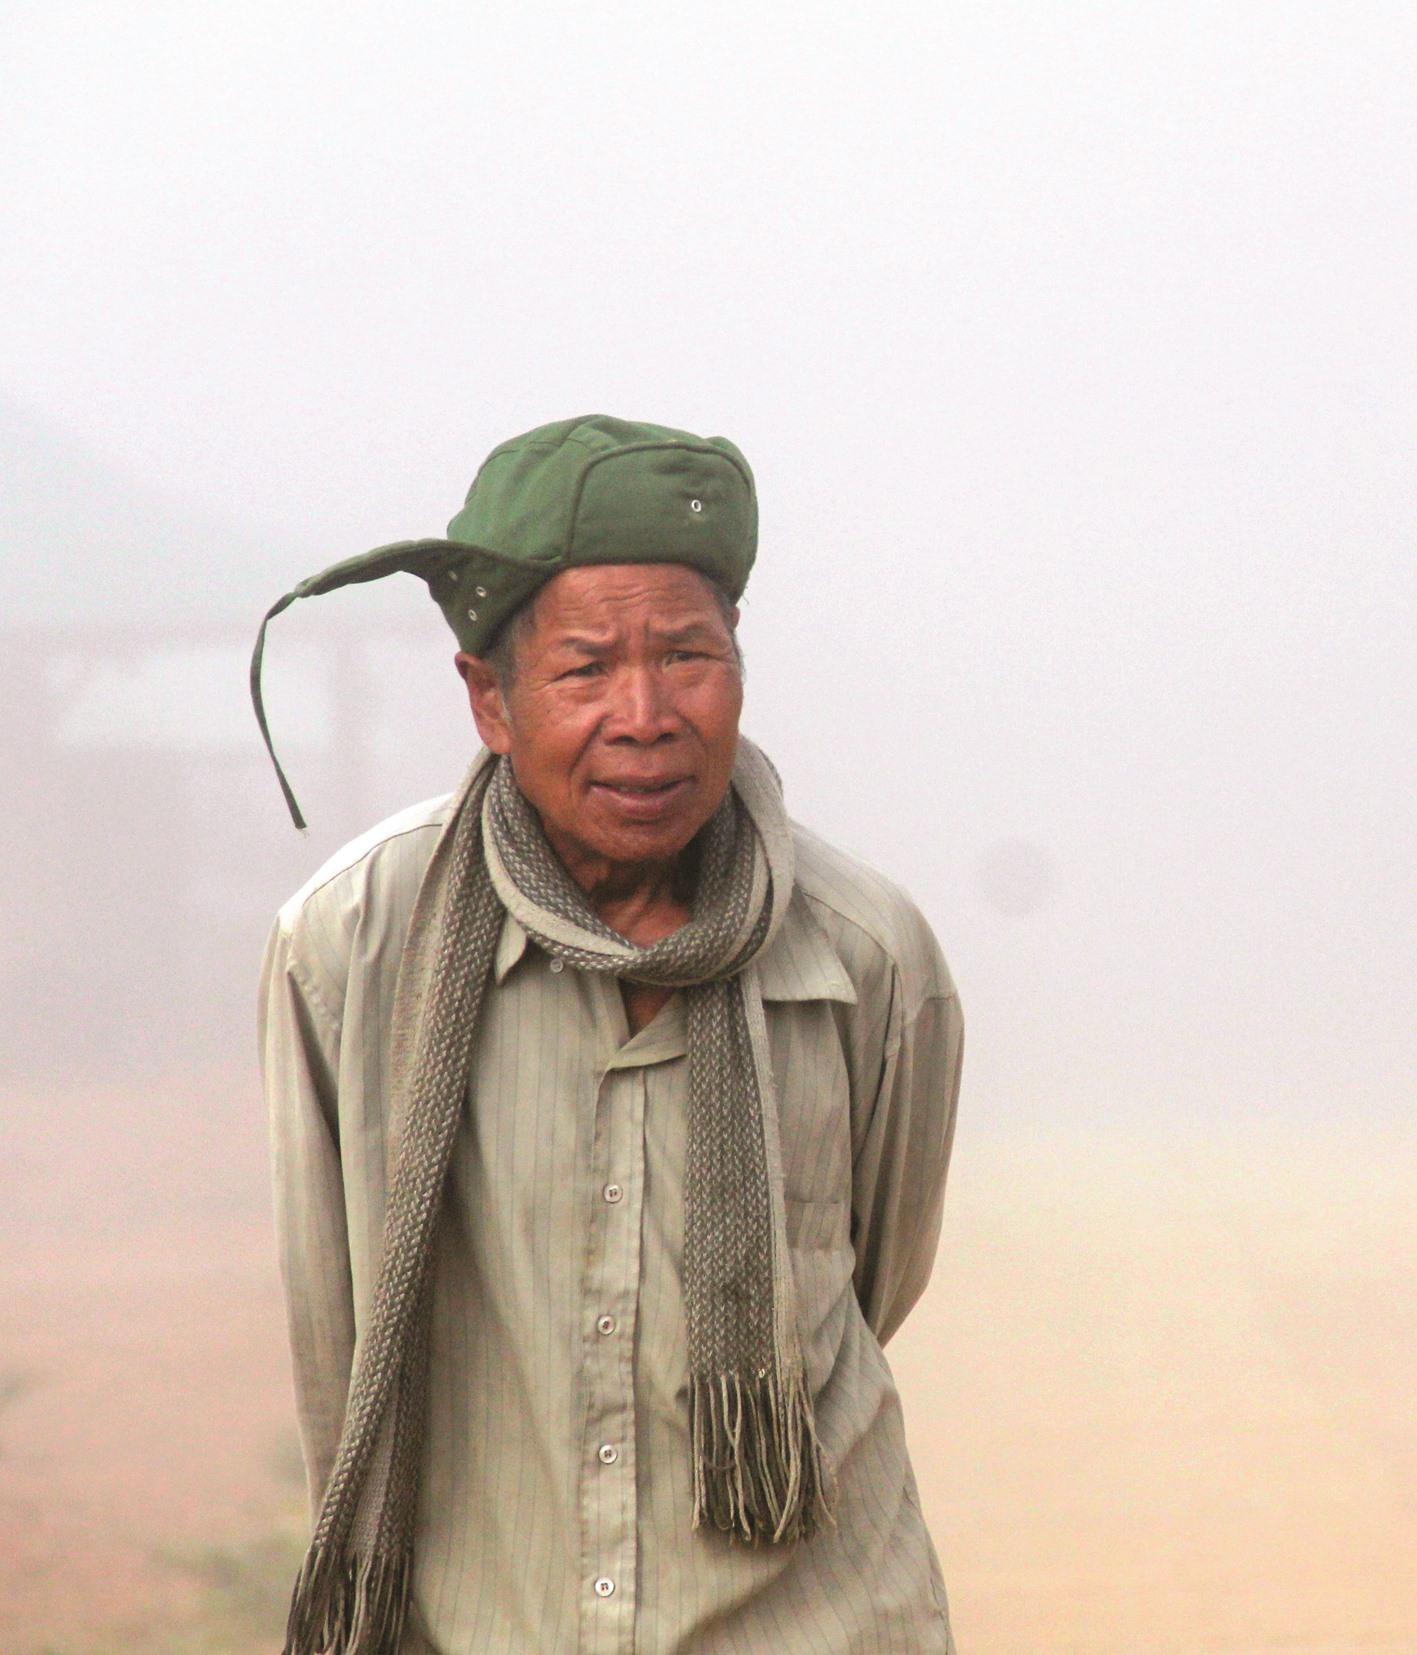 Một cụ già co ro trong màn sương sớm vùng cao.